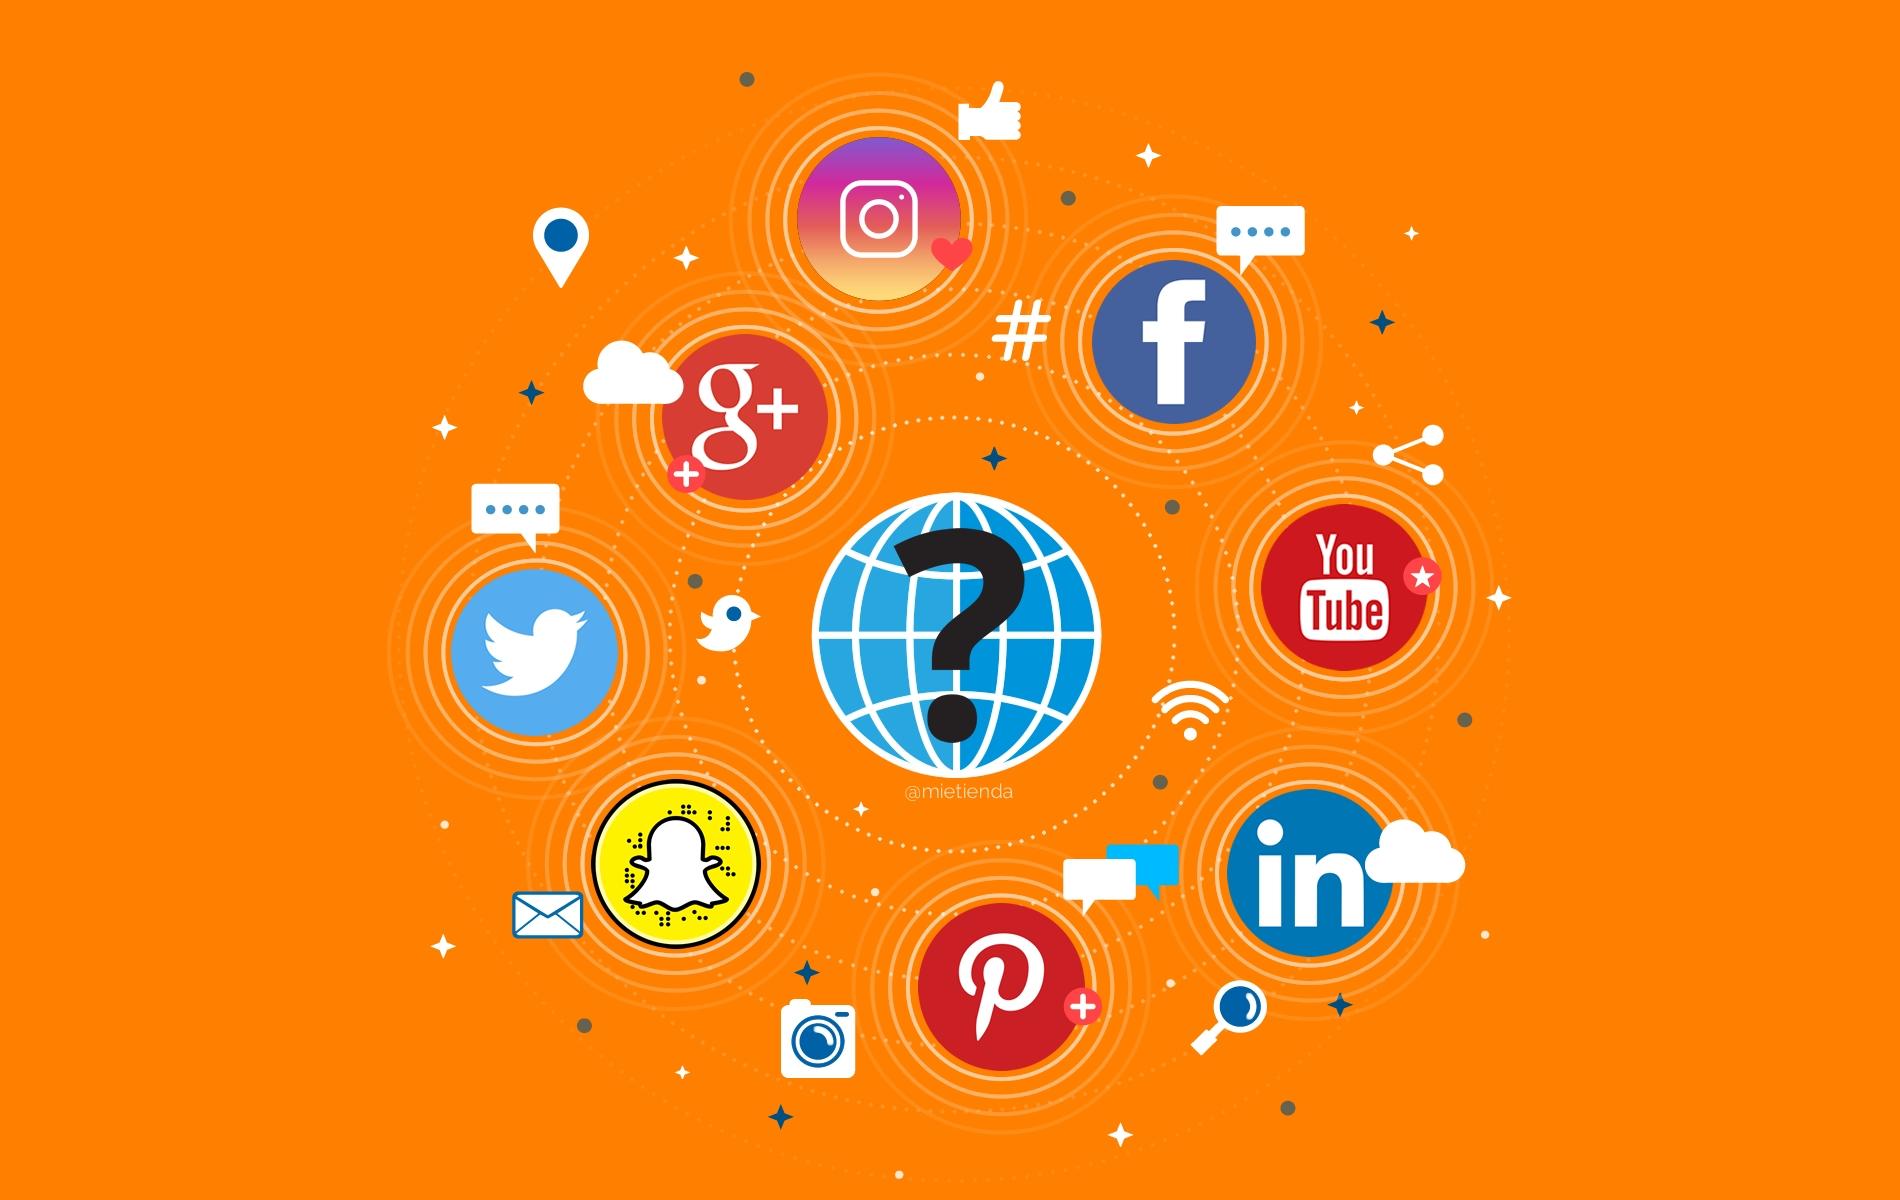 ¿Cómo elegir la red social adecuada para mi marca? Te compartimos 4 consejos